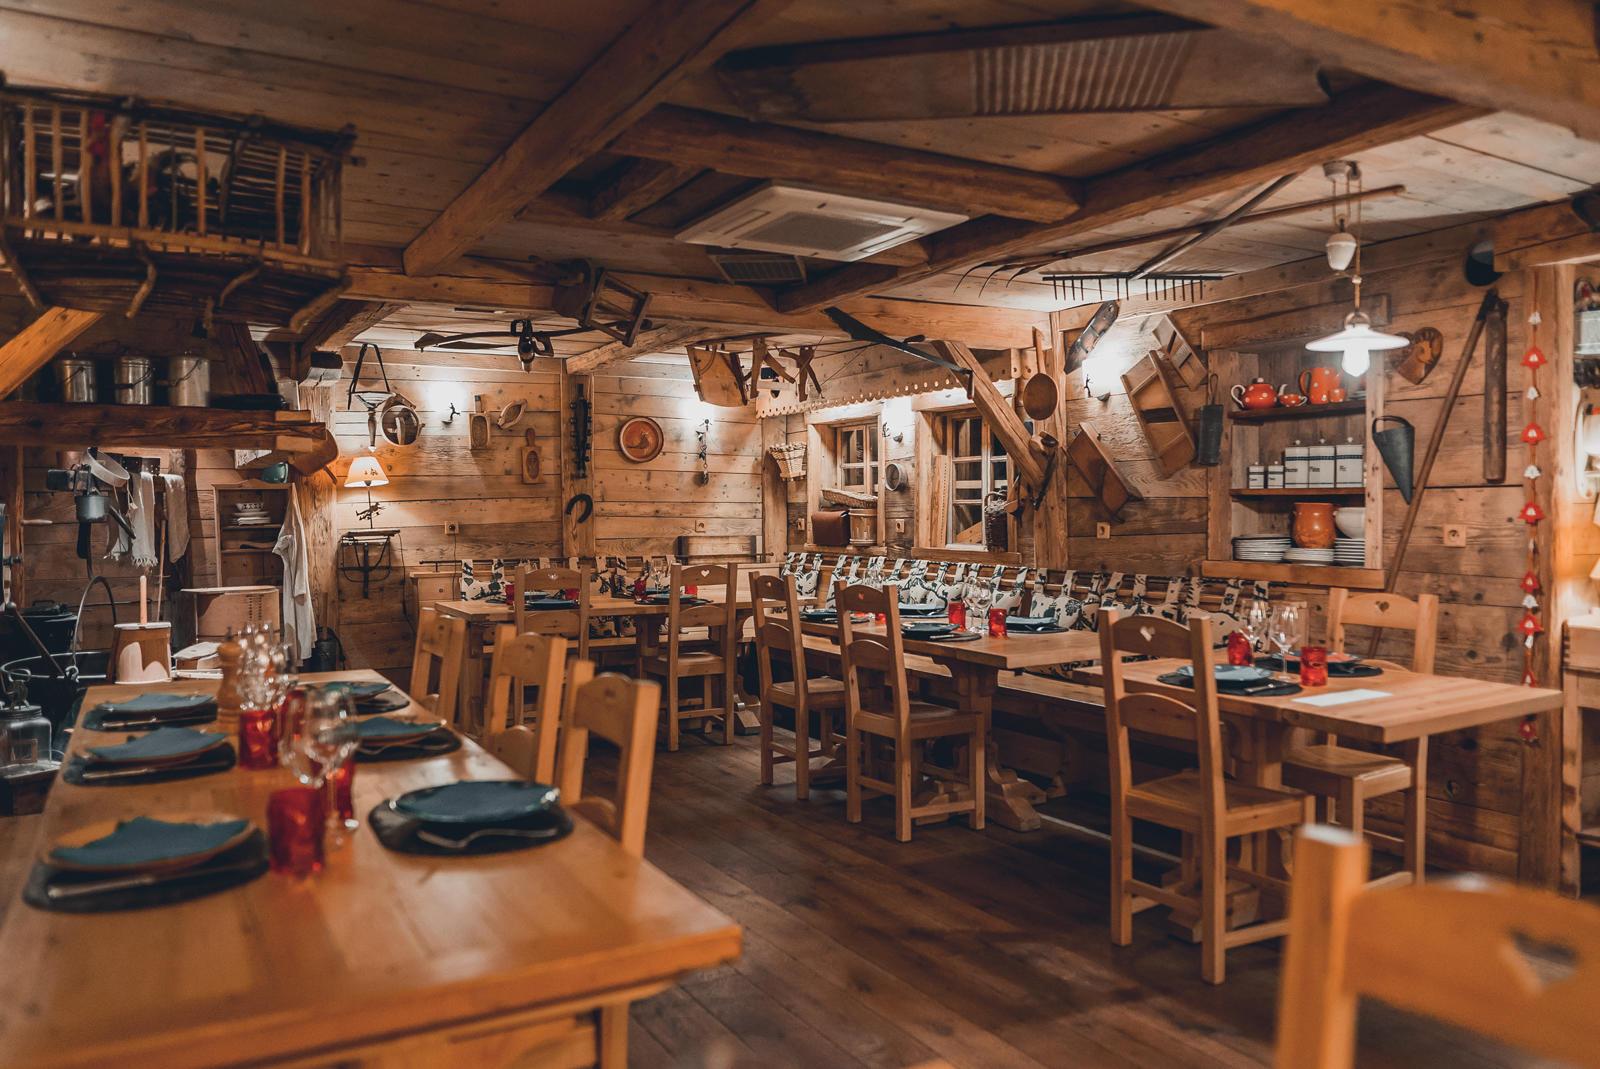 Salle de restaurant sous sol décoration en bois